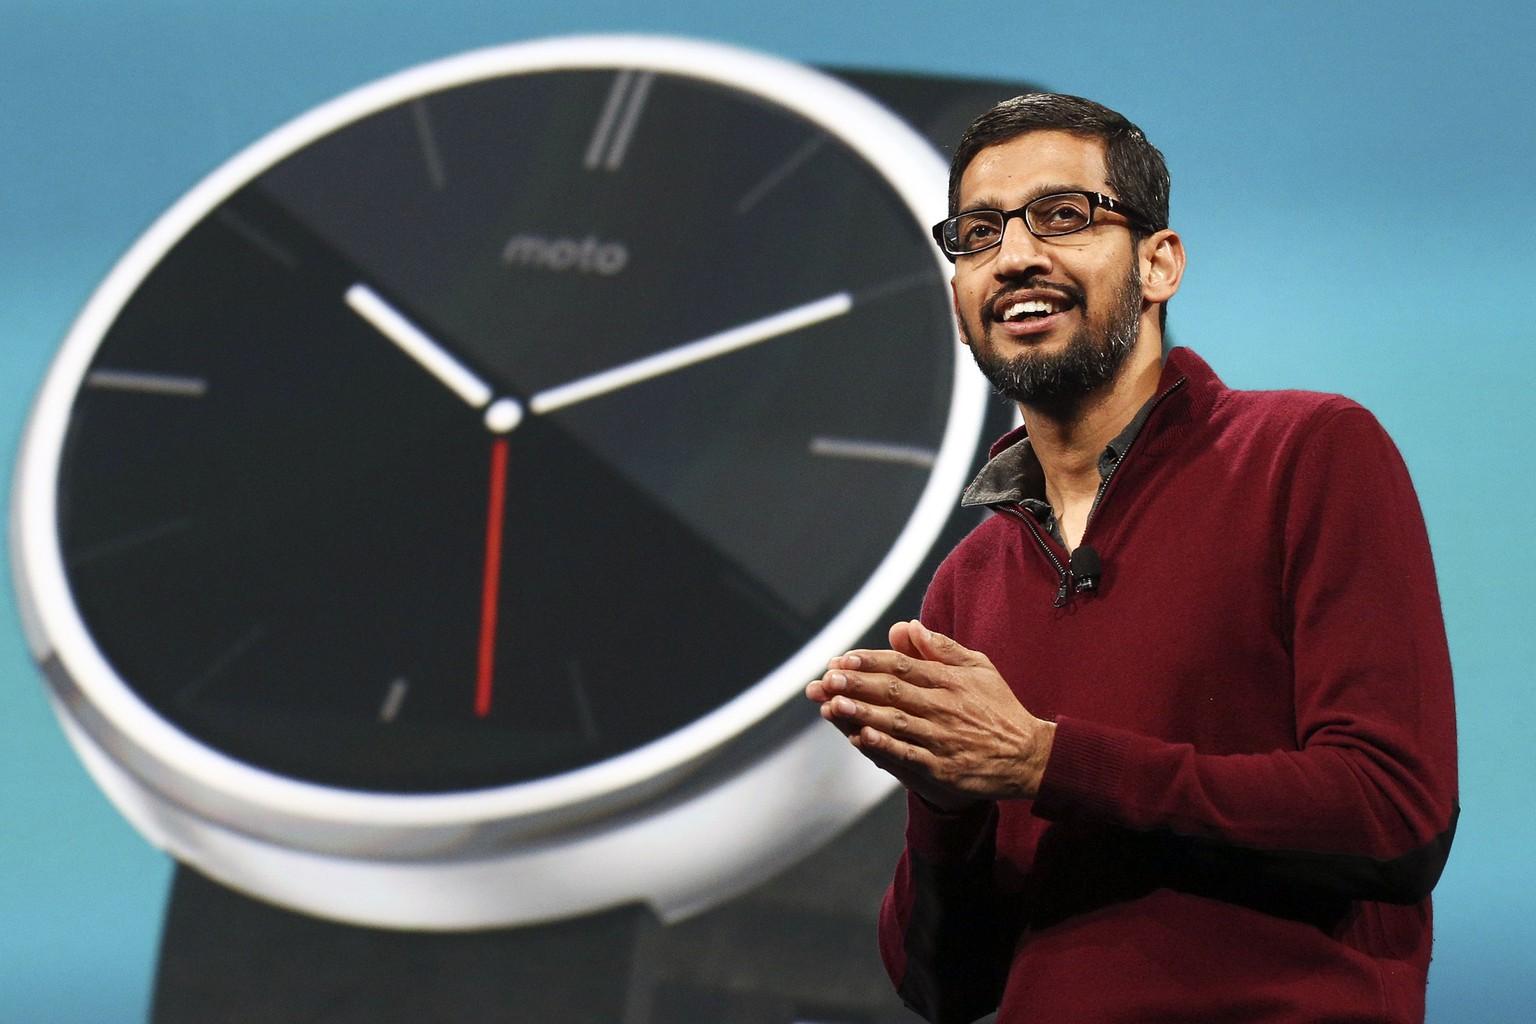 android im handy im auto im wohnzimmer und am arm das sind googles neuste gadgets watson. Black Bedroom Furniture Sets. Home Design Ideas